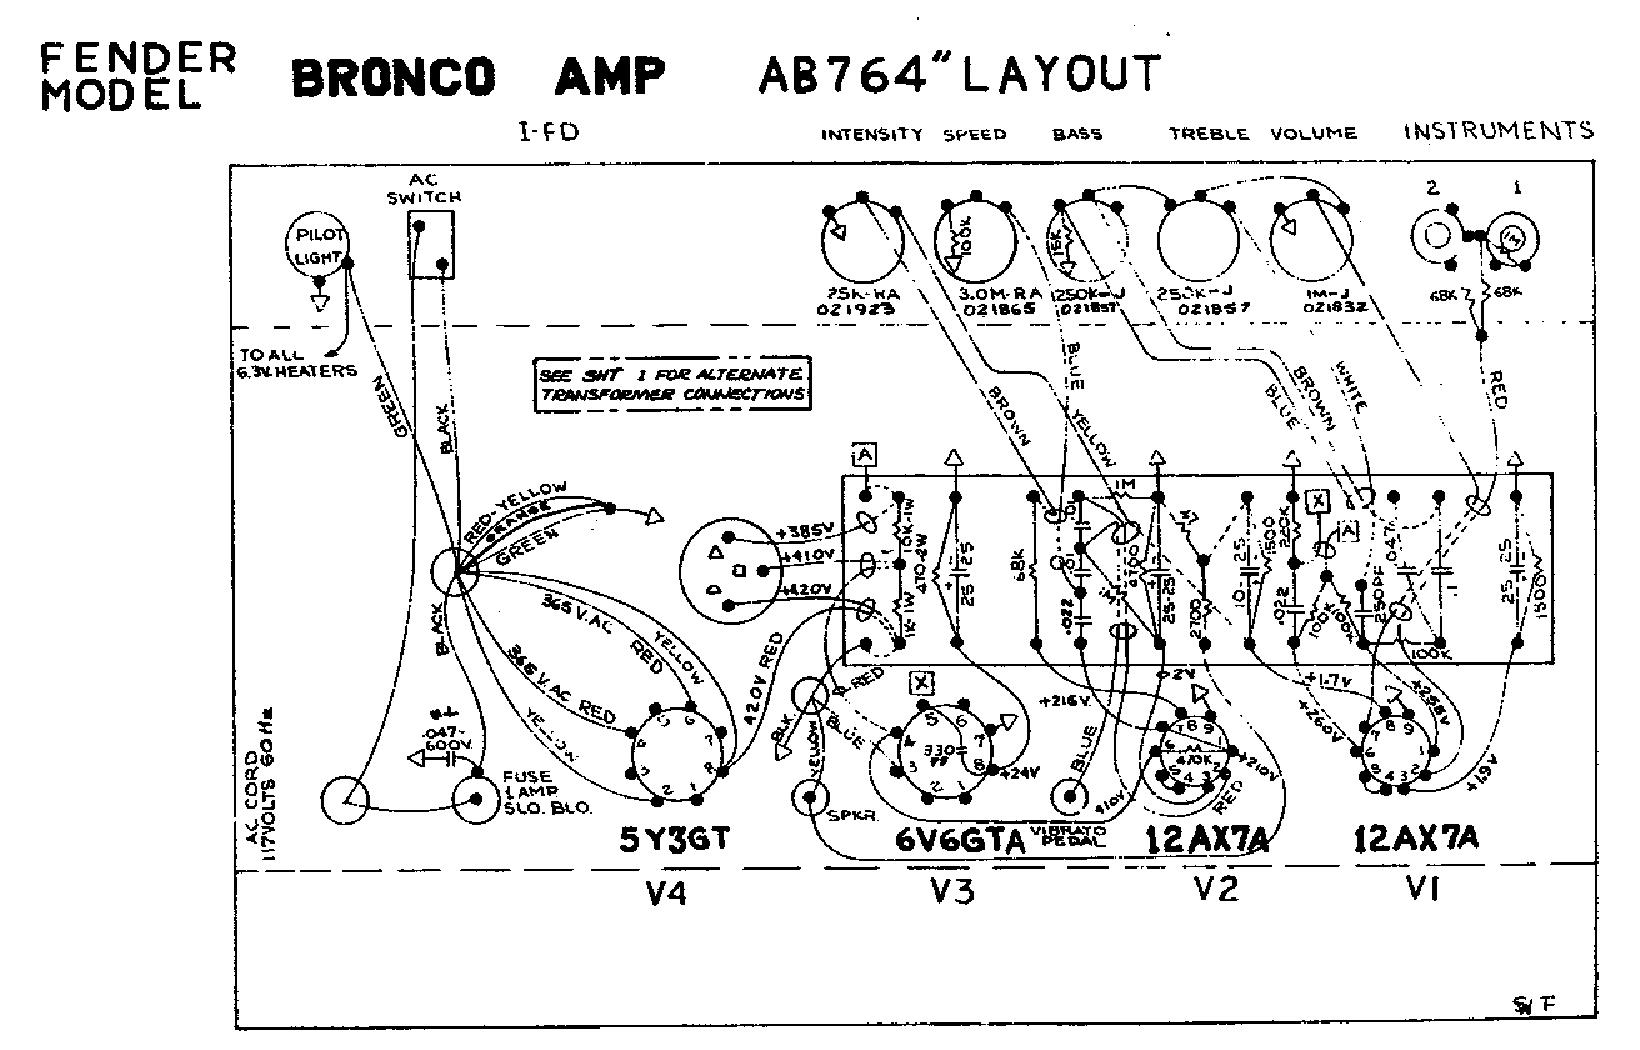 FENDER CHAMP-12 SCH Service Manual download, schematics ... on